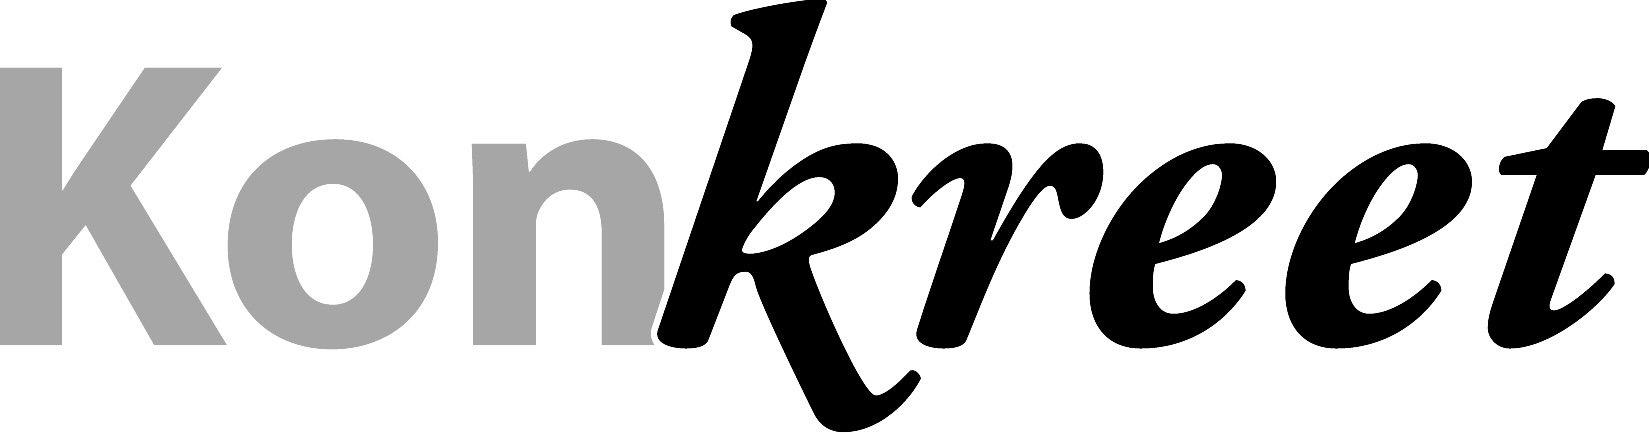 Konkreet logo